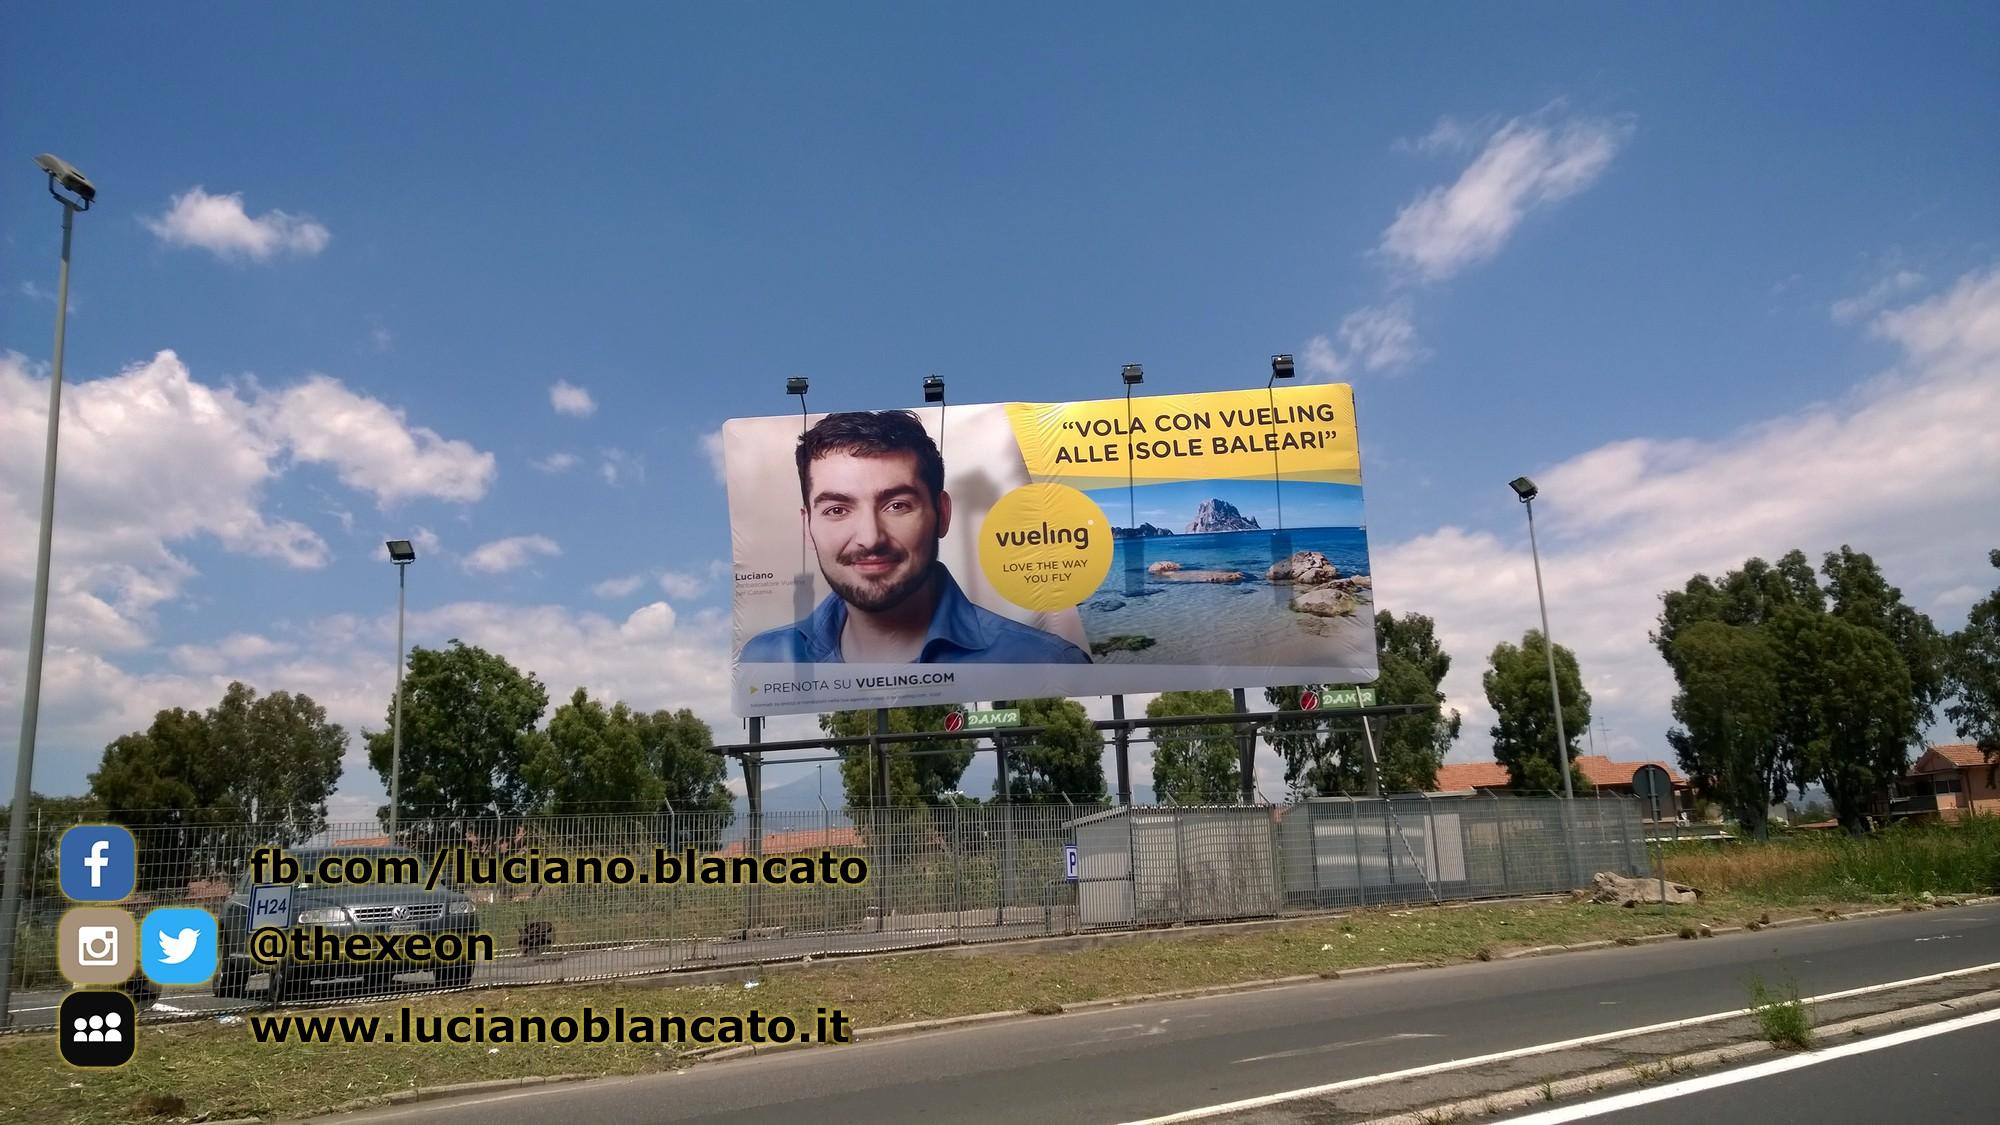 copy_6_Pubblicità Vueling a Catania (CT) - #VuelingAmbassador